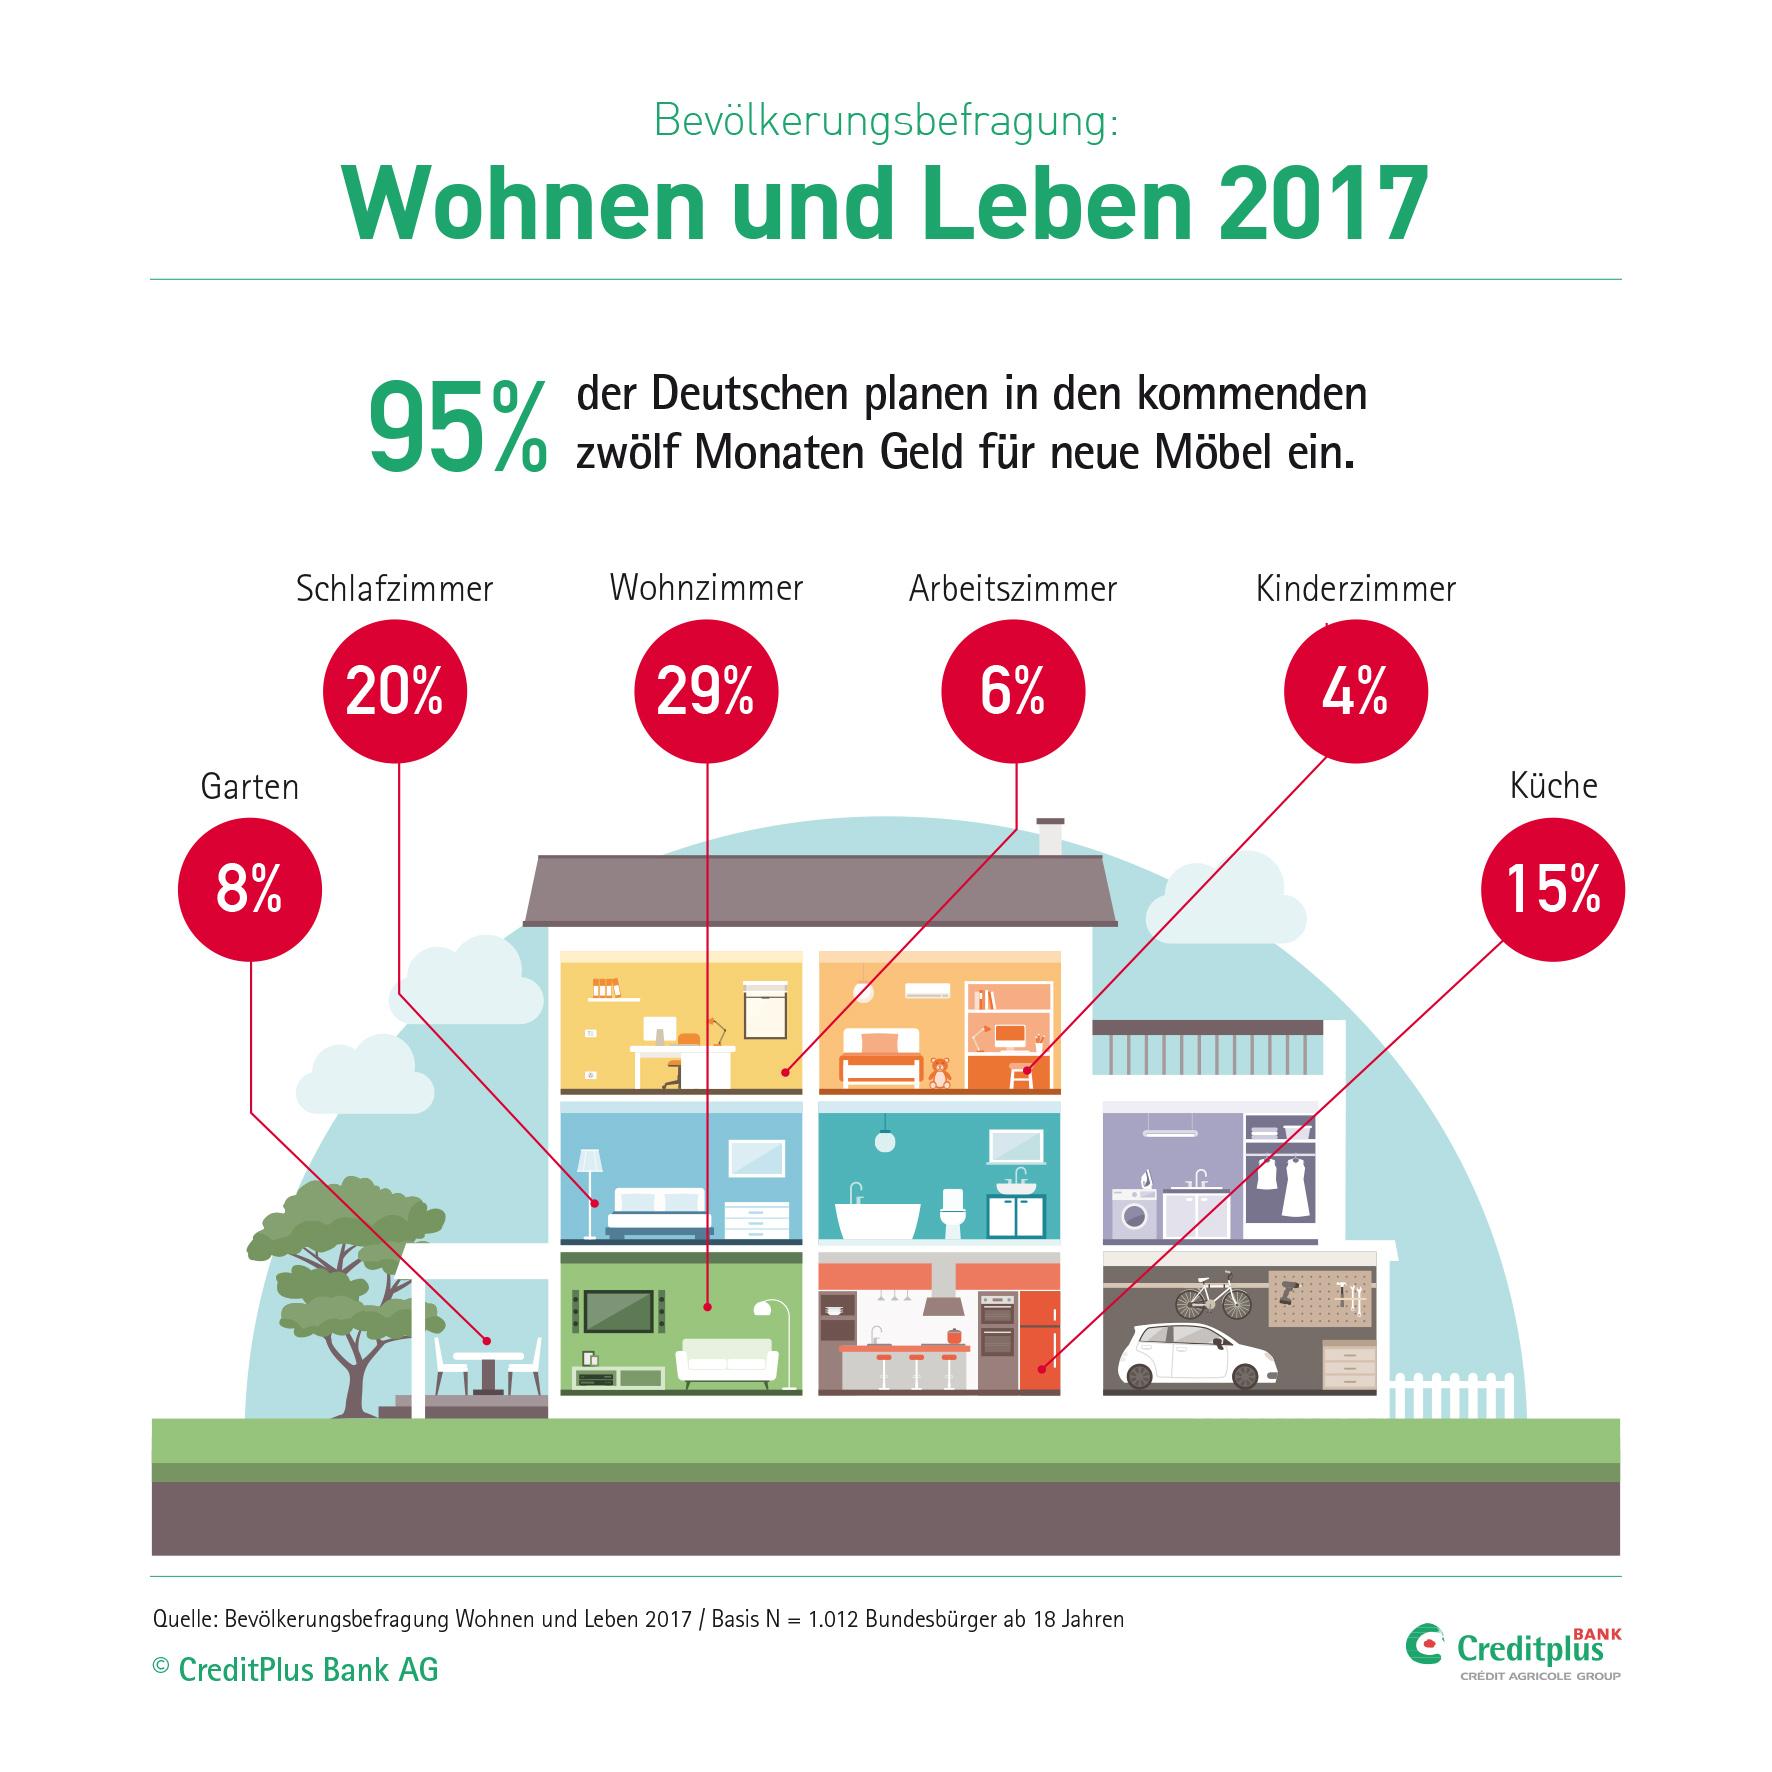 neue m bel in deutschen wohnungen stehen vorne auf der. Black Bedroom Furniture Sets. Home Design Ideas